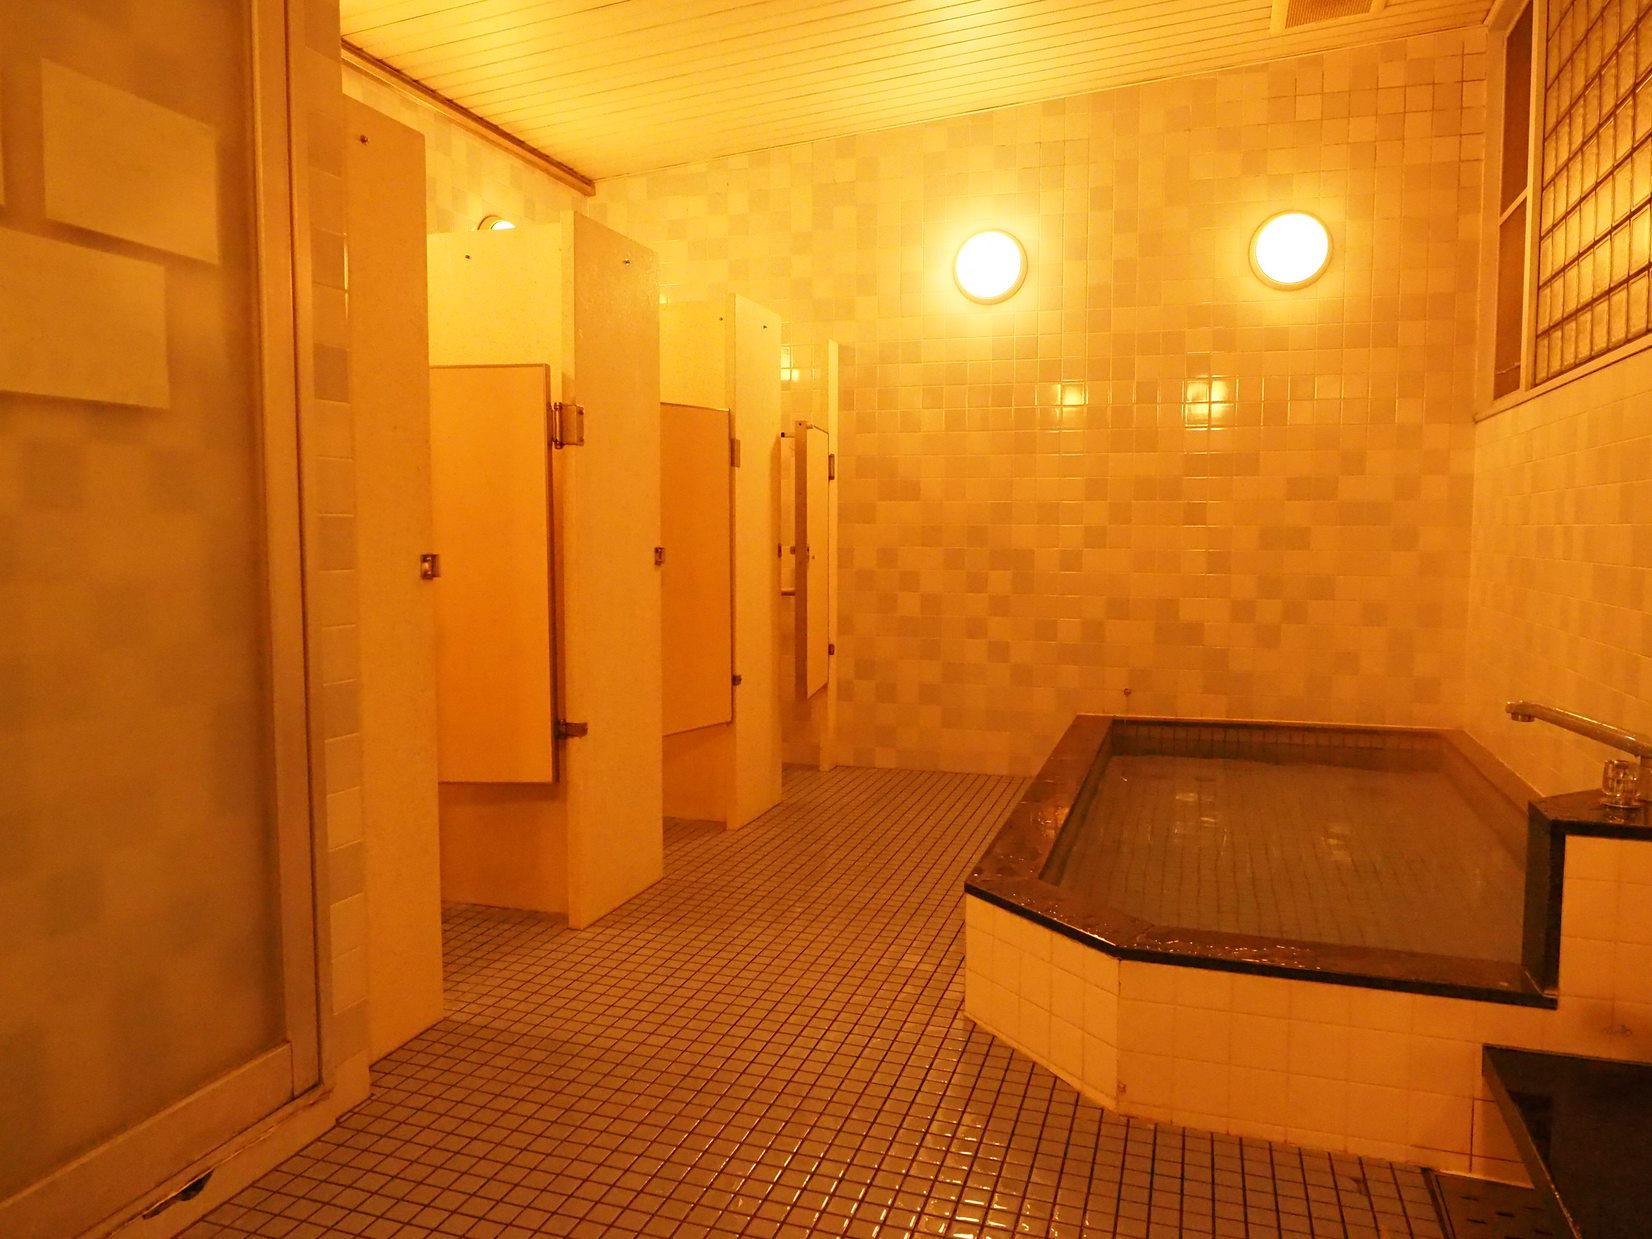 大阪市立長居ユースホステル 関連画像 4枚目 楽天トラベル提供